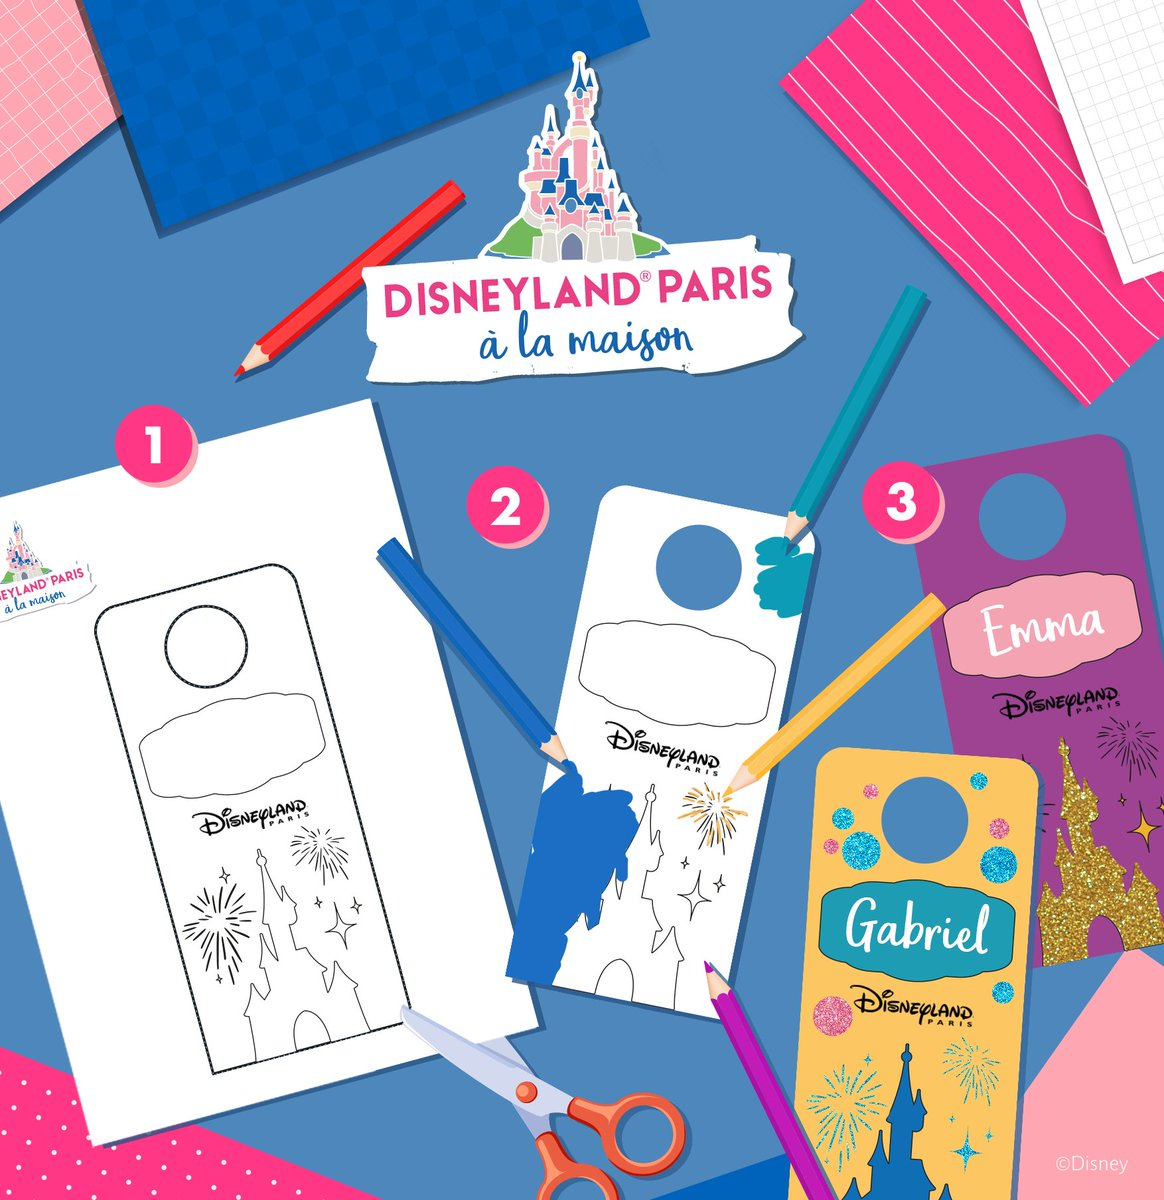 """Ajoutez une touche de magie à votre intérieur avec ces accroche-portes personnalisables ! ✨ Retrouvez plus d'activités  sur le site """"Disneyland Paris à la Maison"""": https://t.co/ysFnfAgISb https://t.co/V5KRM7VX8a"""